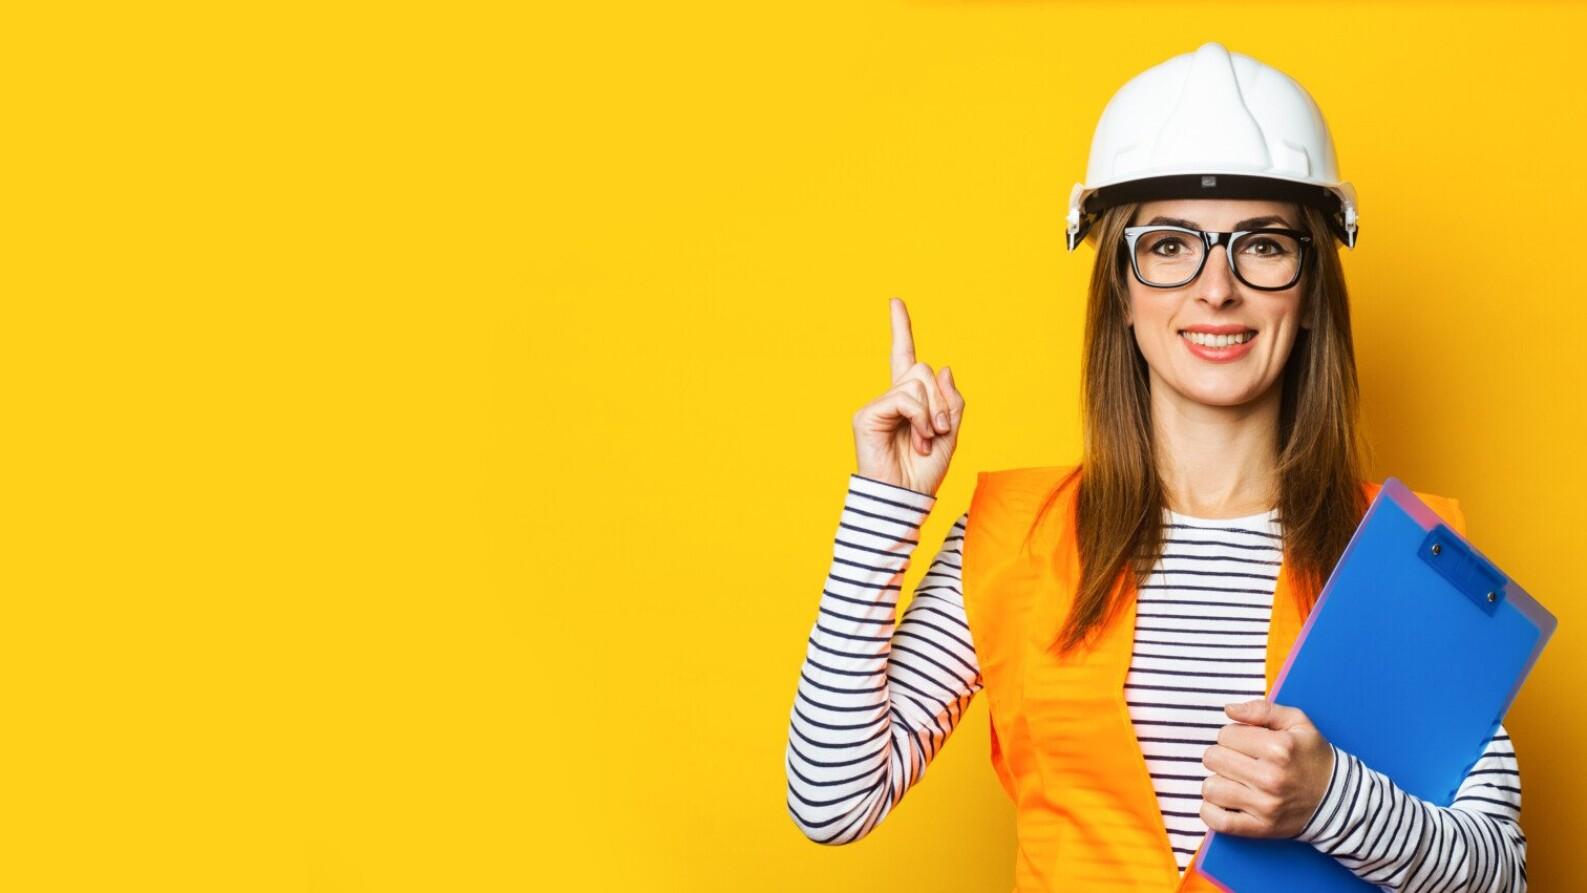 Ratgeber Blog - Hilfe, Tipps & Tricks zum Thema Reinigung Sanierung Erhaltung von Haus Dach Stein Steinboden Fassade Terrasse Naturstein